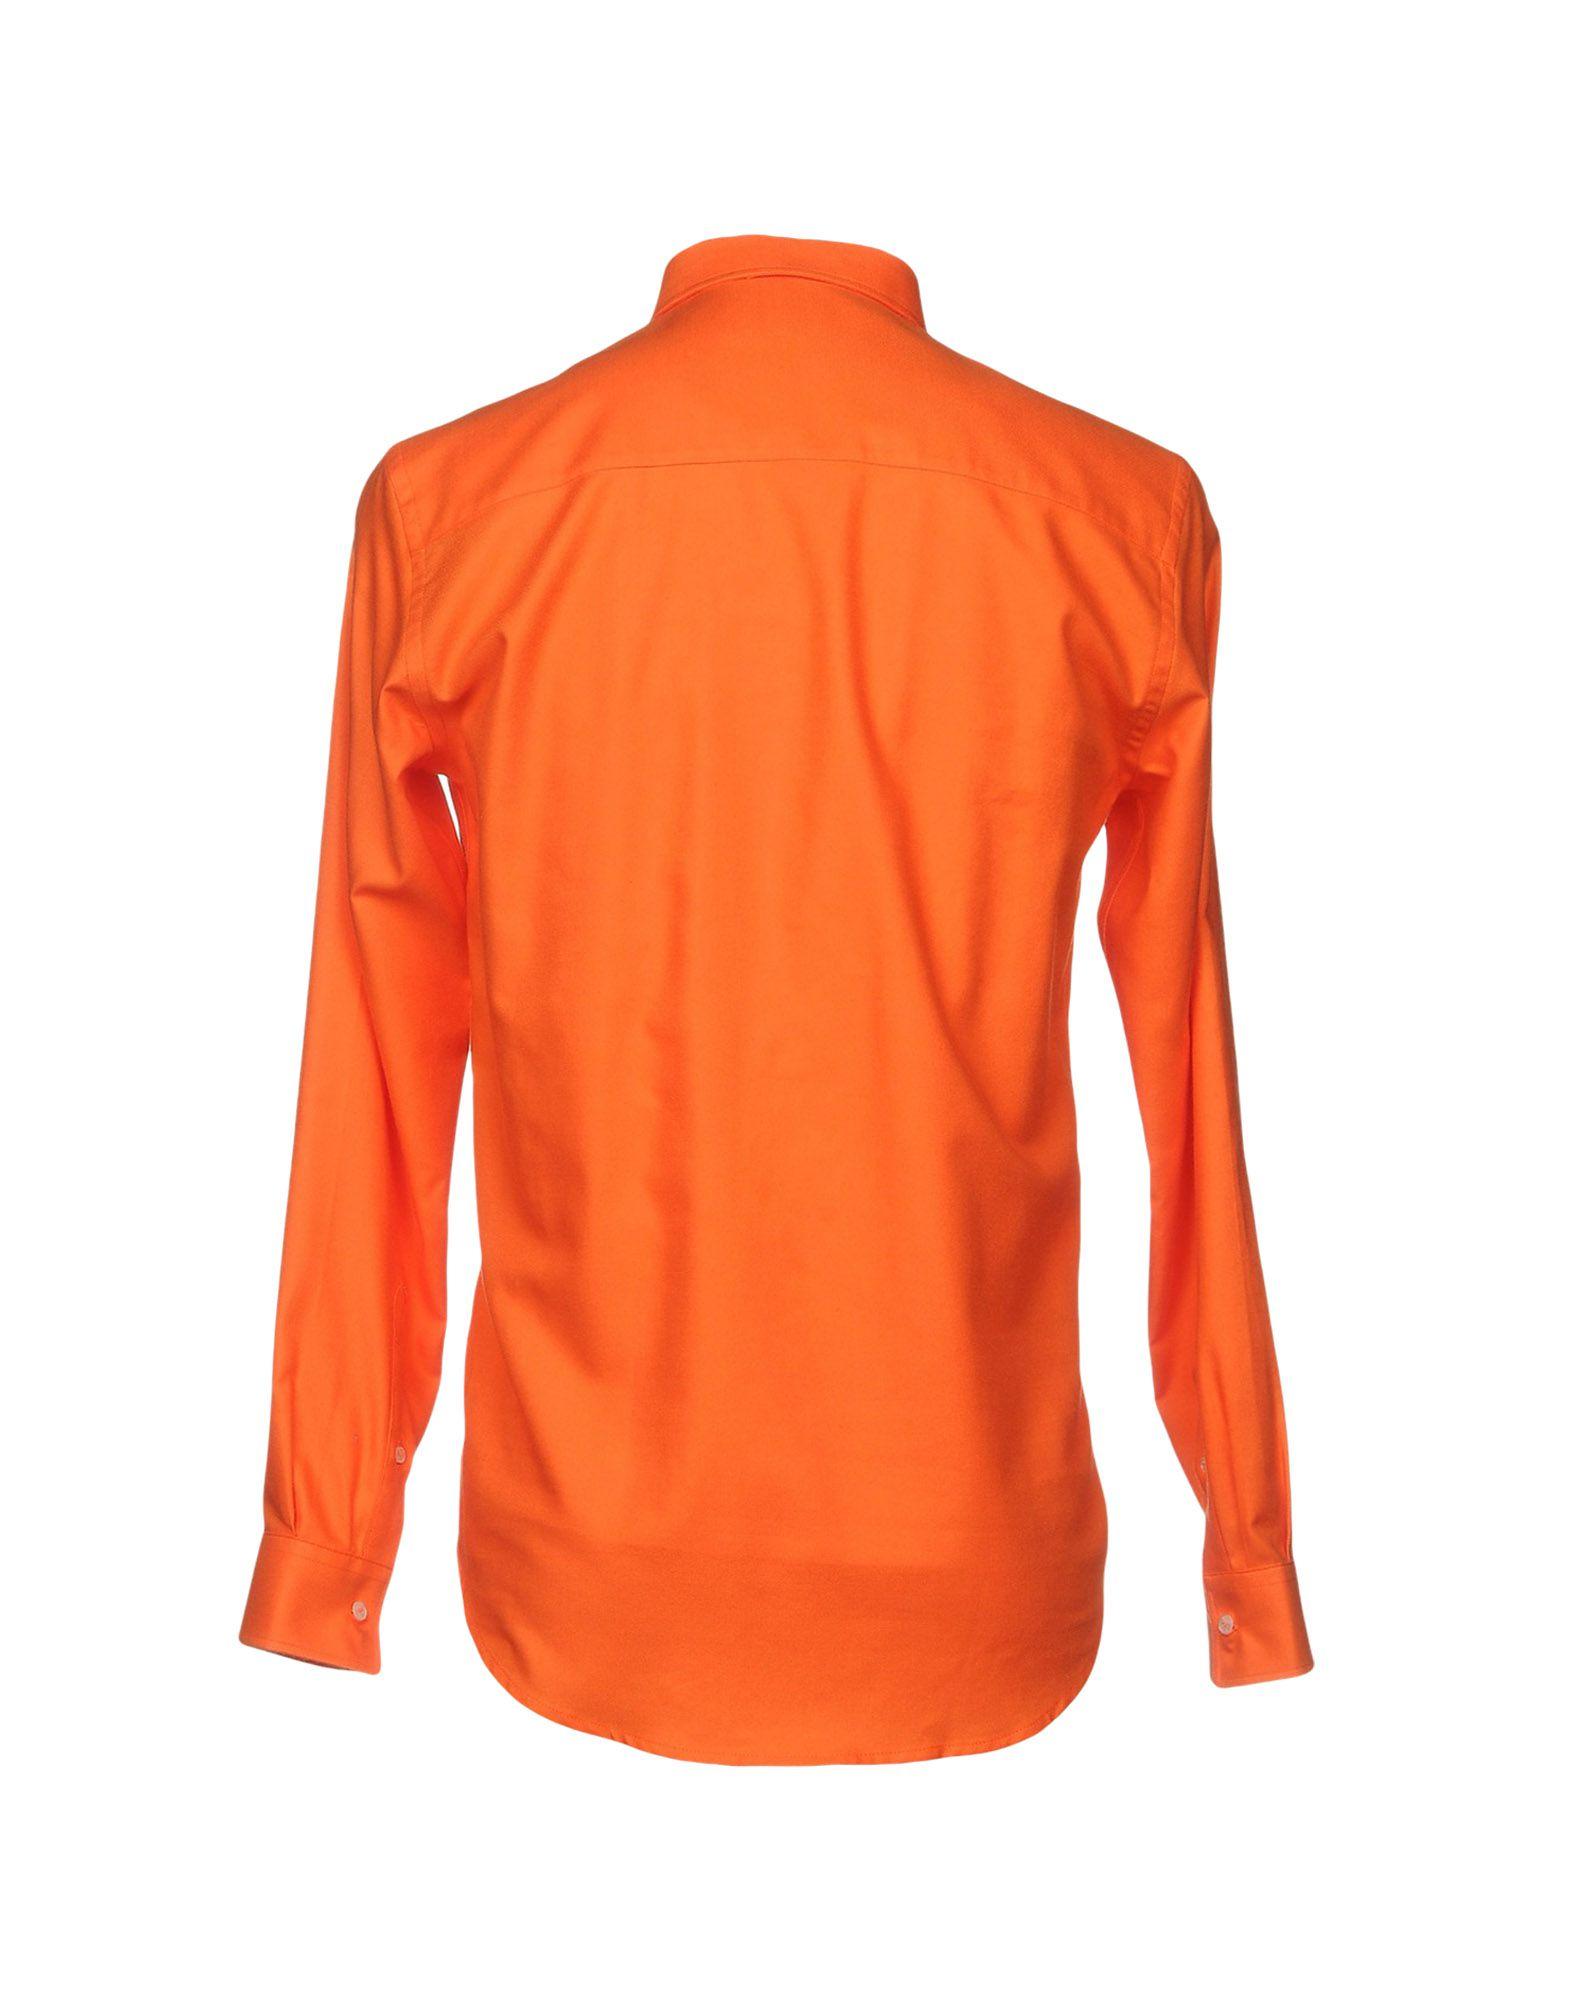 Camicia Tinta Unita Msgm Uomo Uomo Uomo - 38696530ST 61a4d3